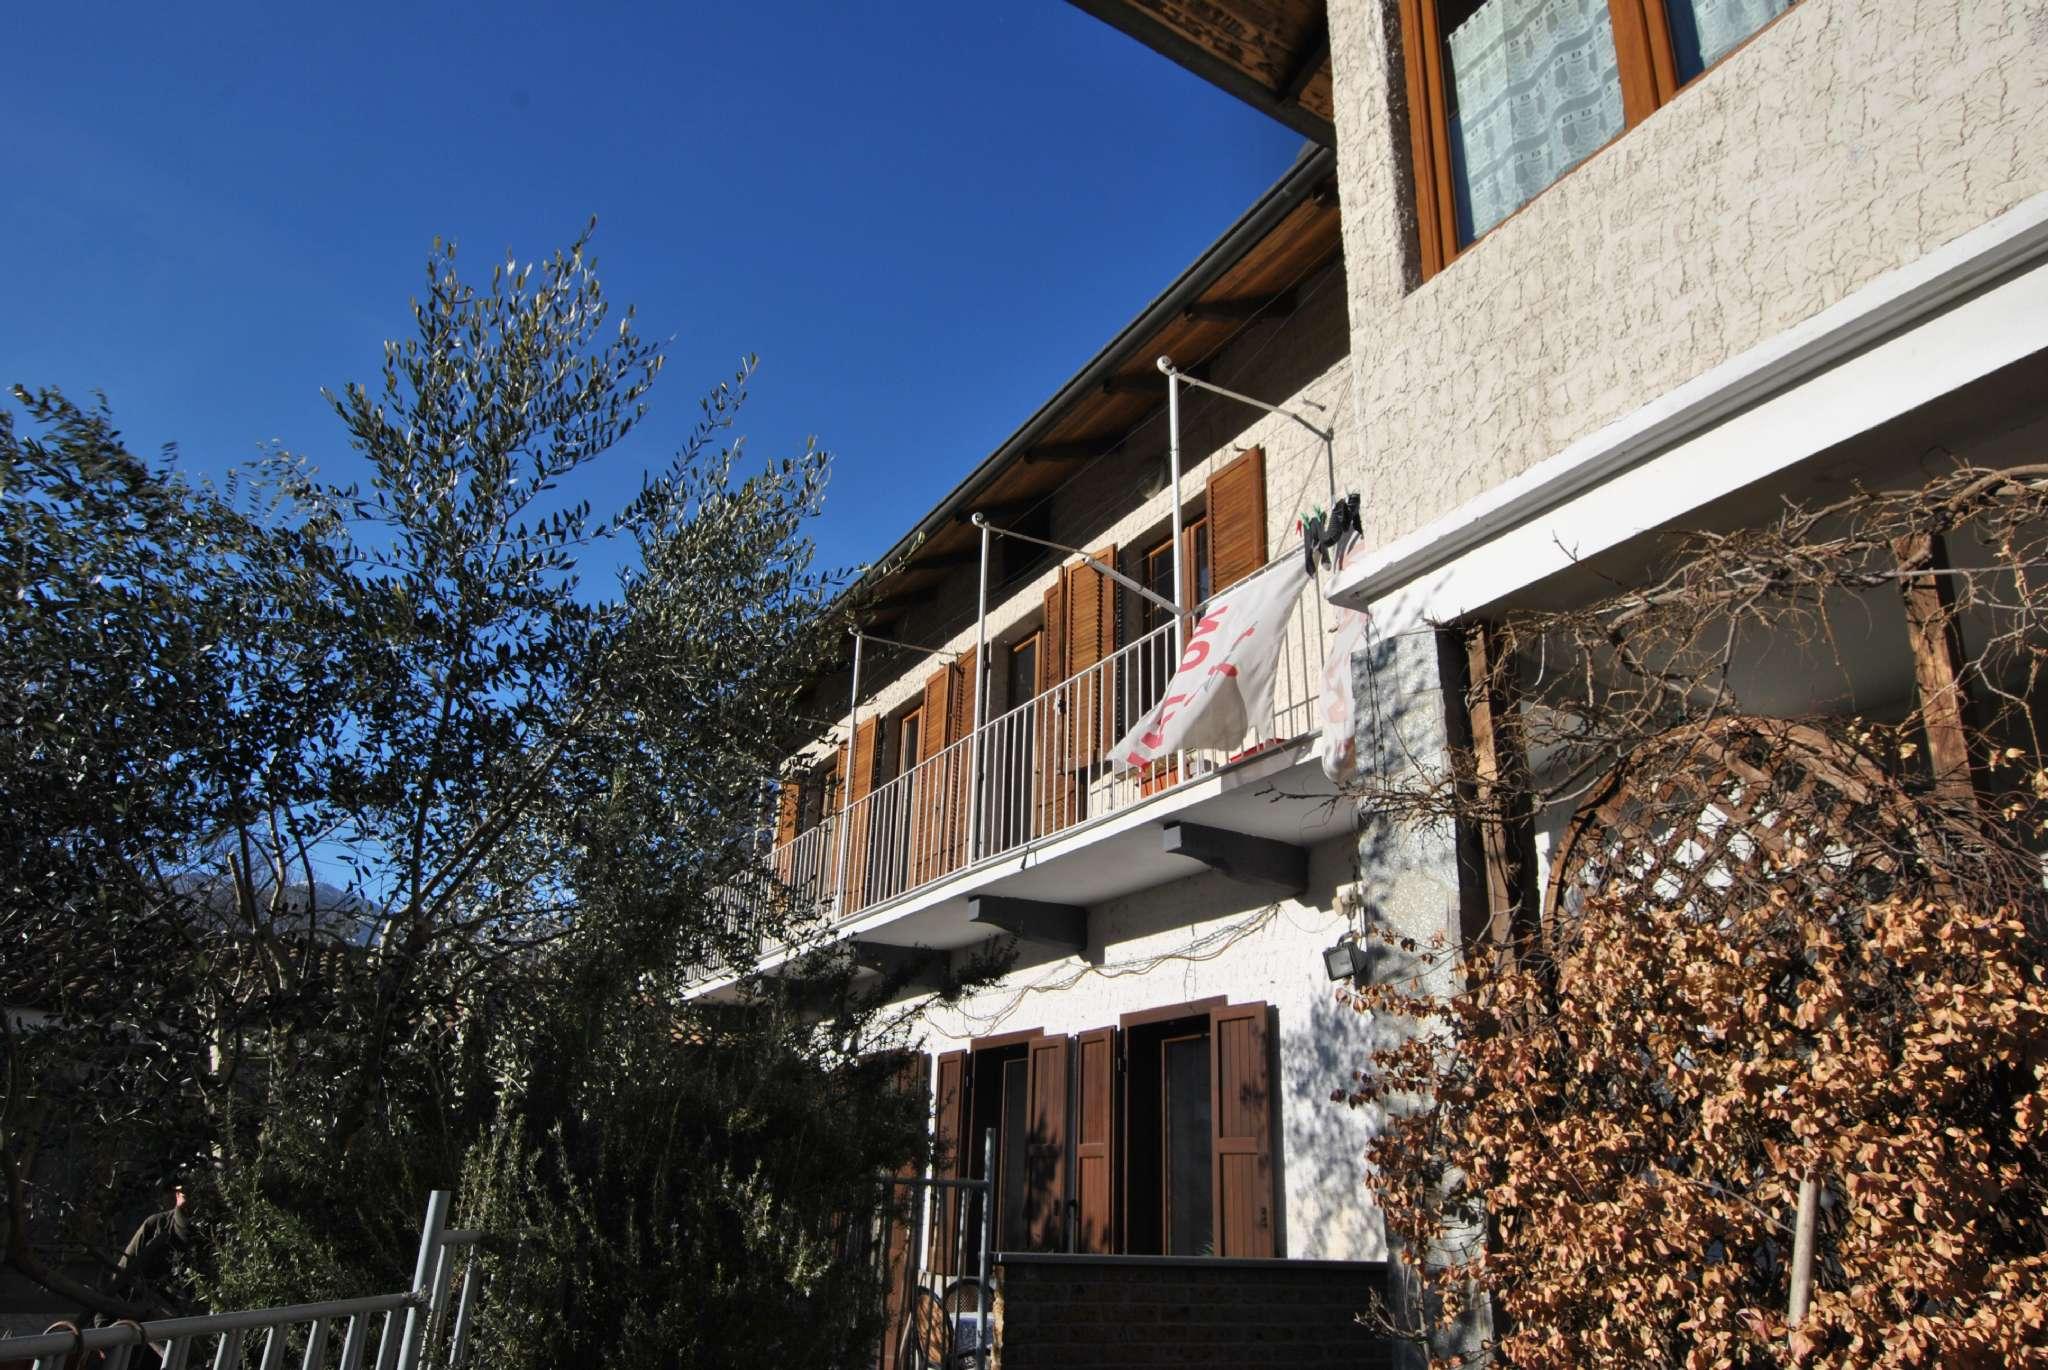 Appartamento in affitto a Borgone Susa, 3 locali, prezzo € 320 | PortaleAgenzieImmobiliari.it